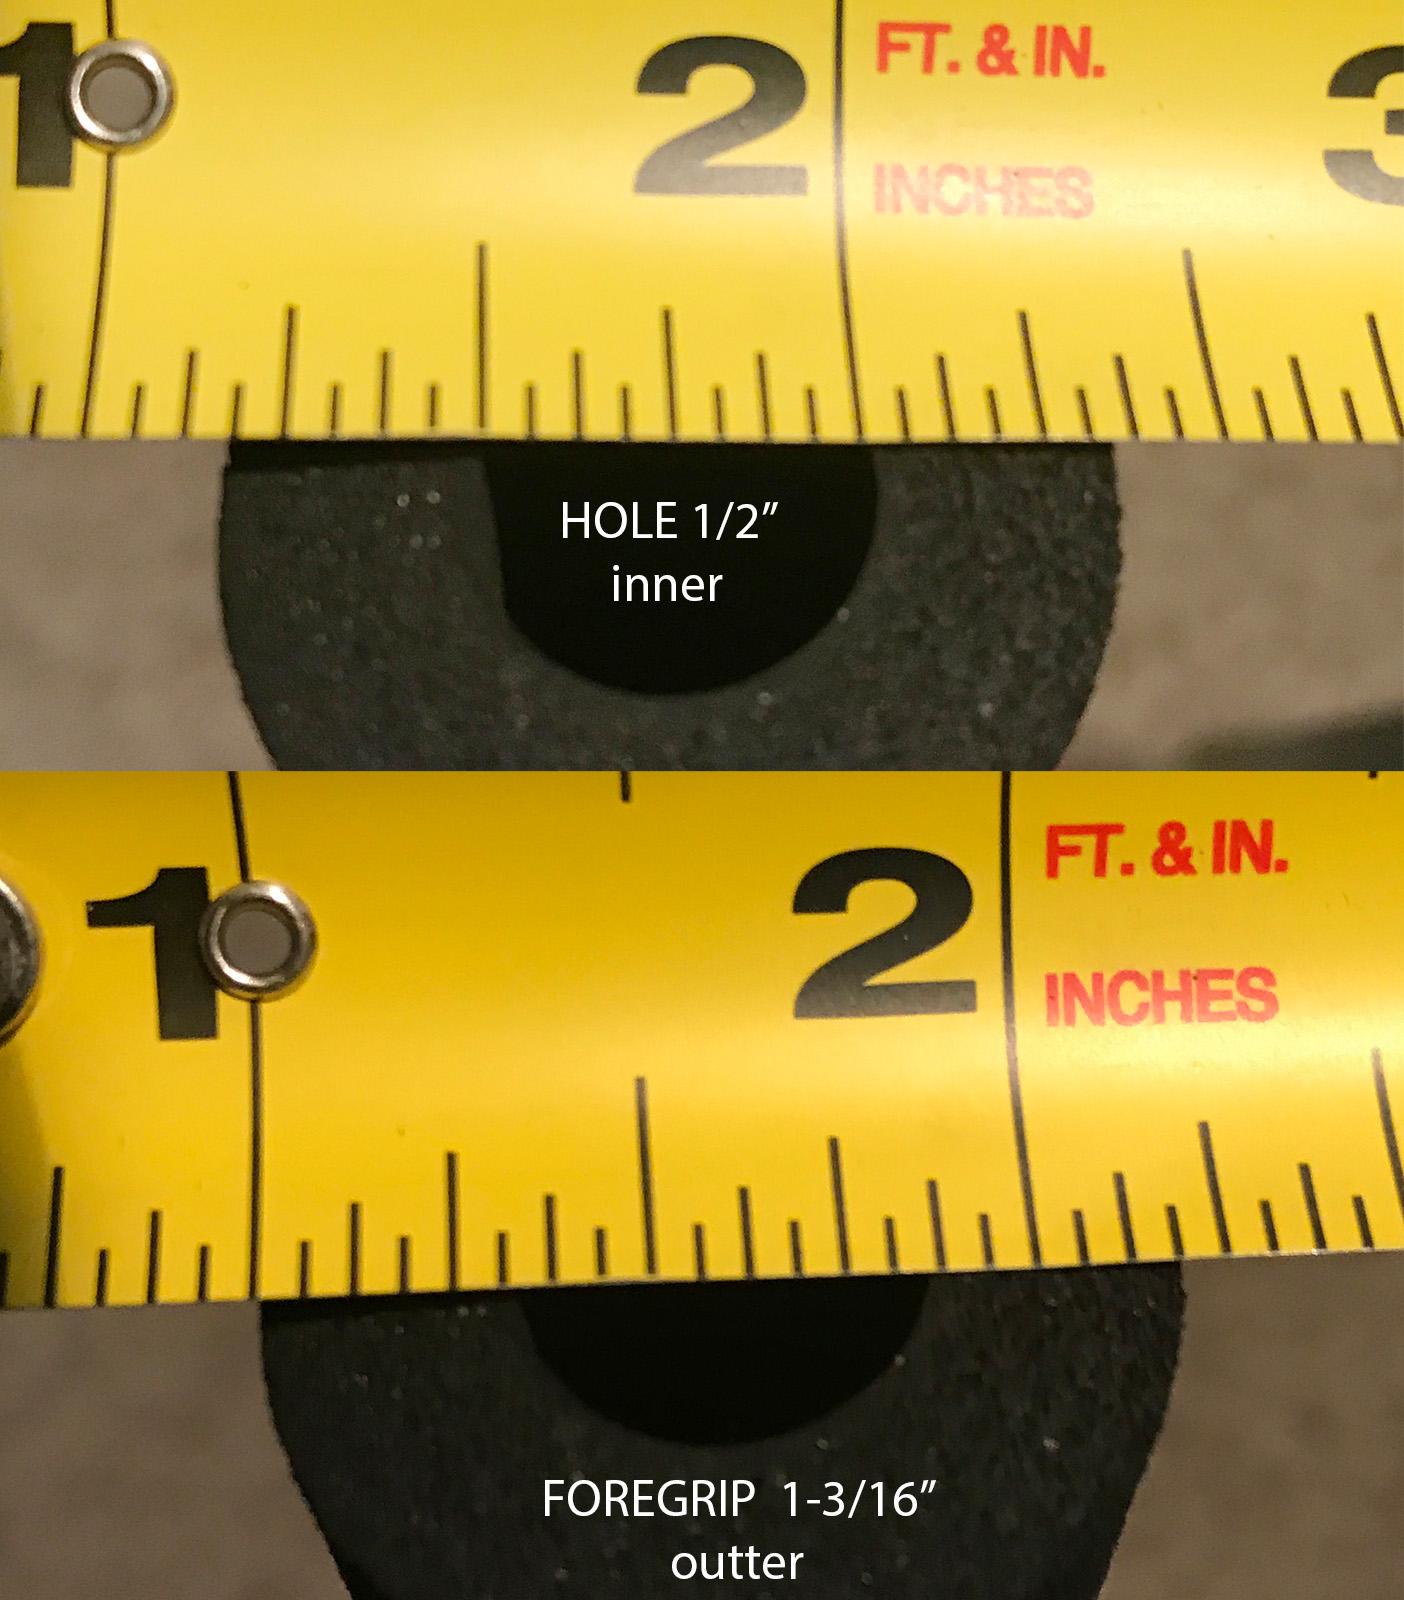 Hyp measure IMG_0122.jpg